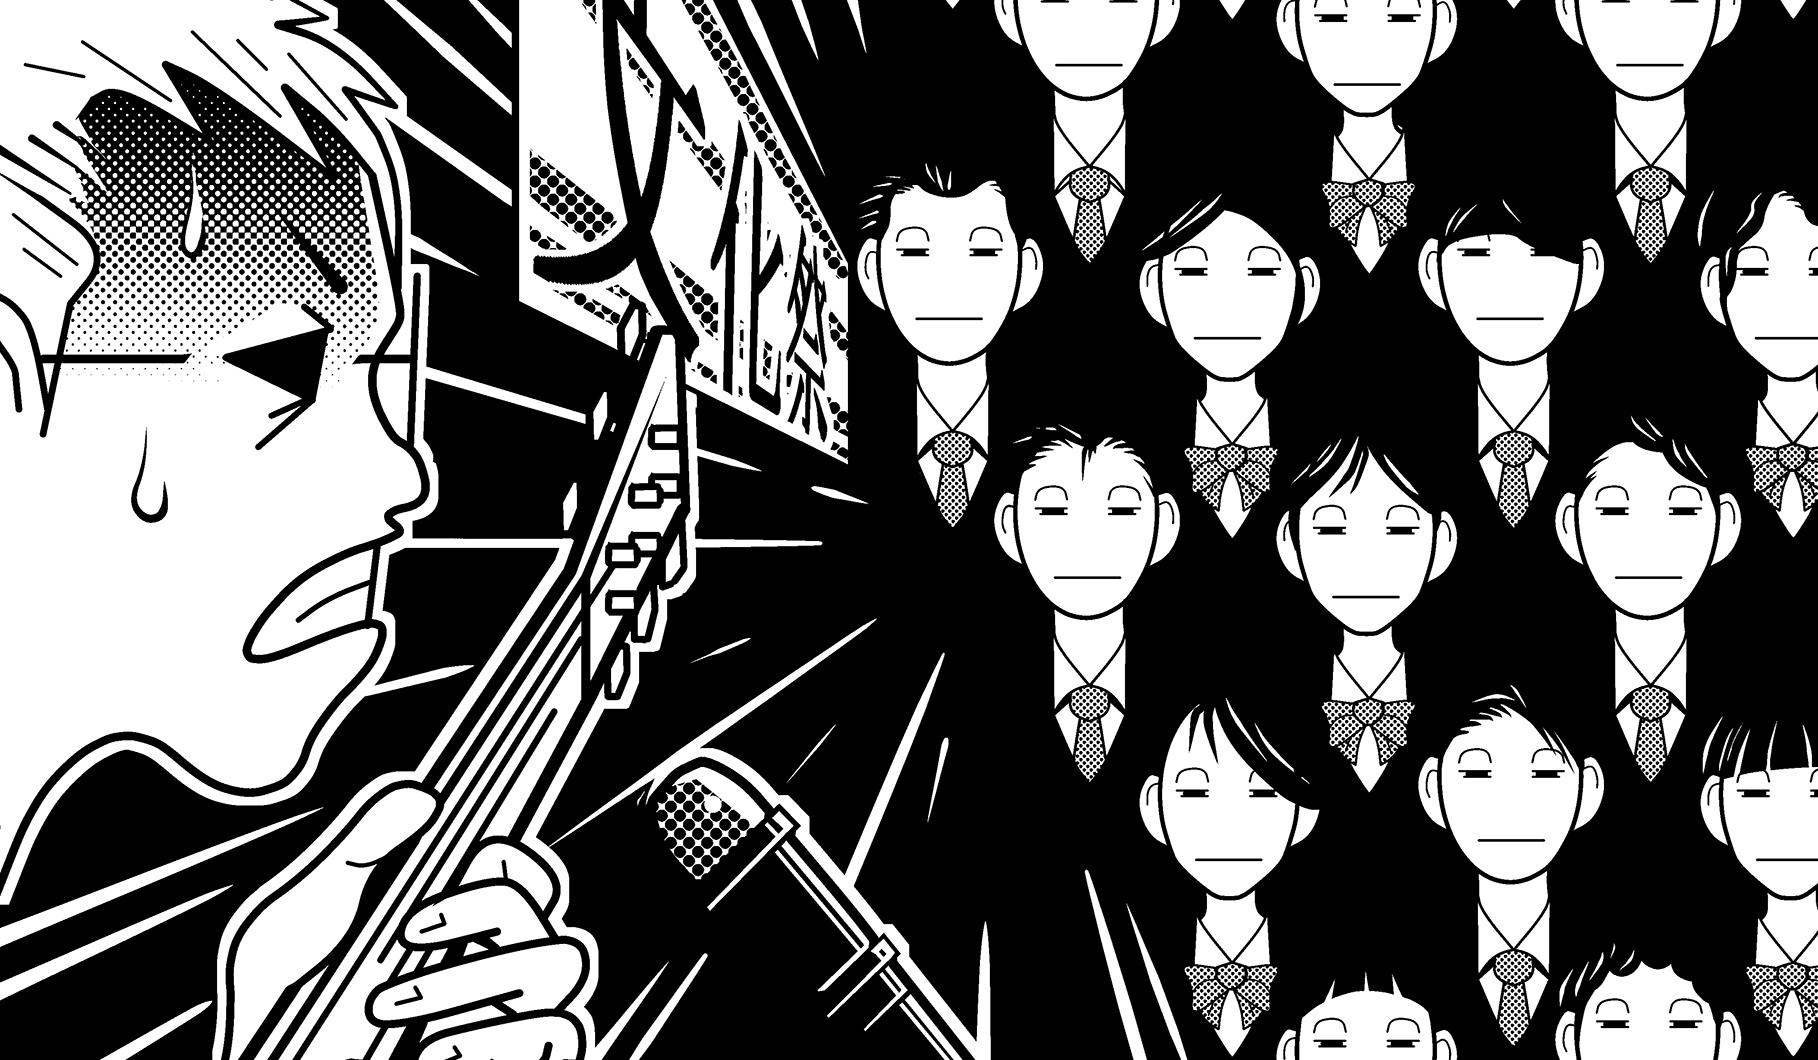 宮脇流セッション・ギタリスト養成塾全校生徒の前でソロ・ギターを演奏。